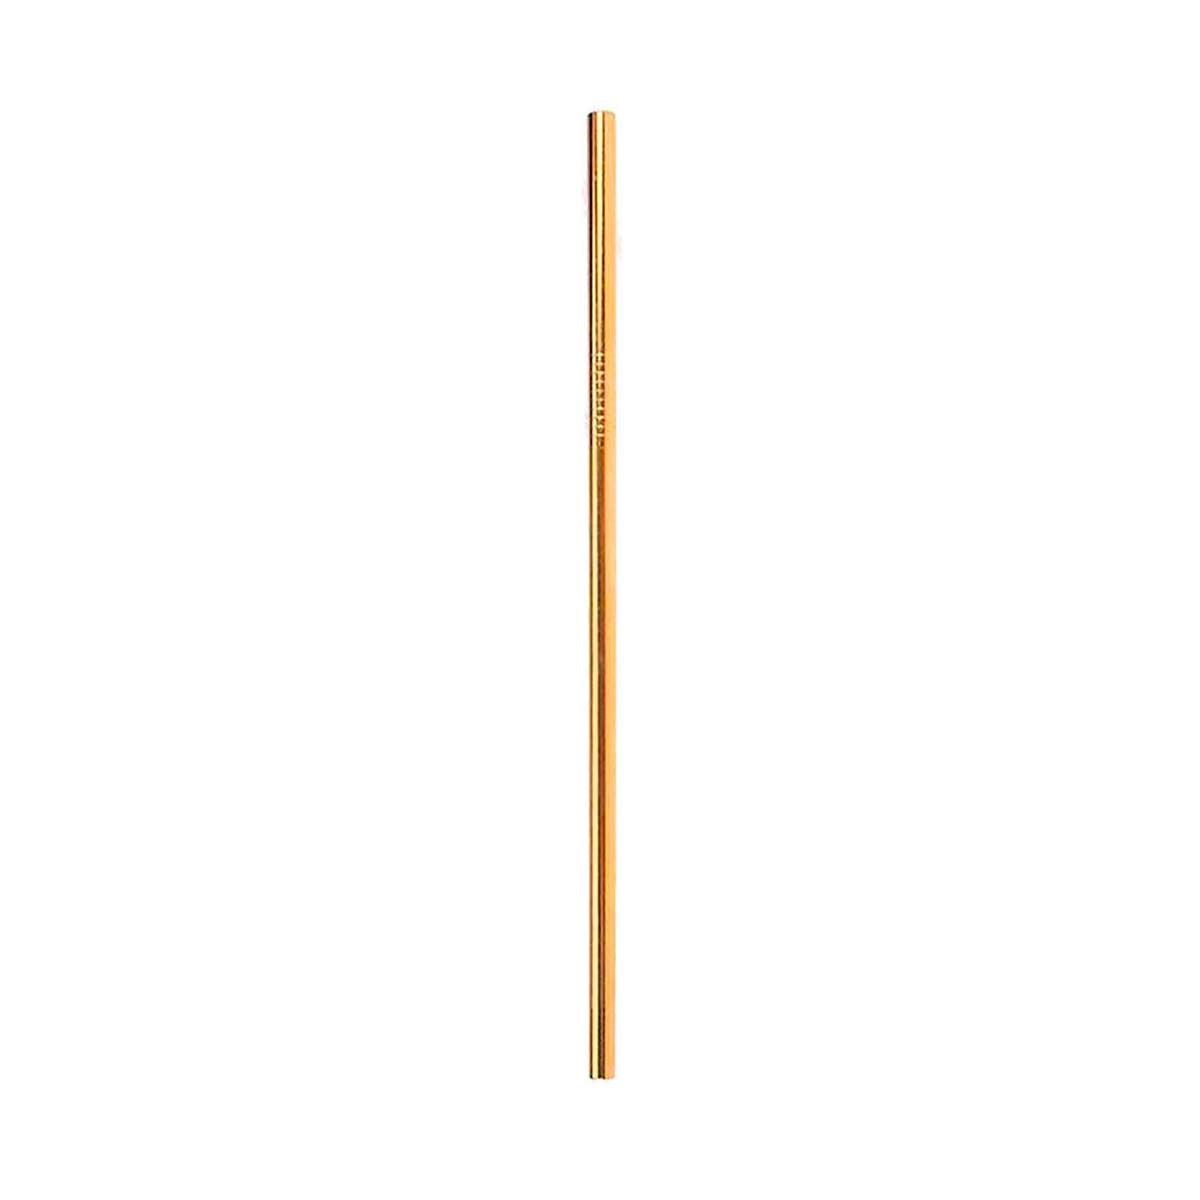 Canudo de Inox Reto Dourado - OUTLET